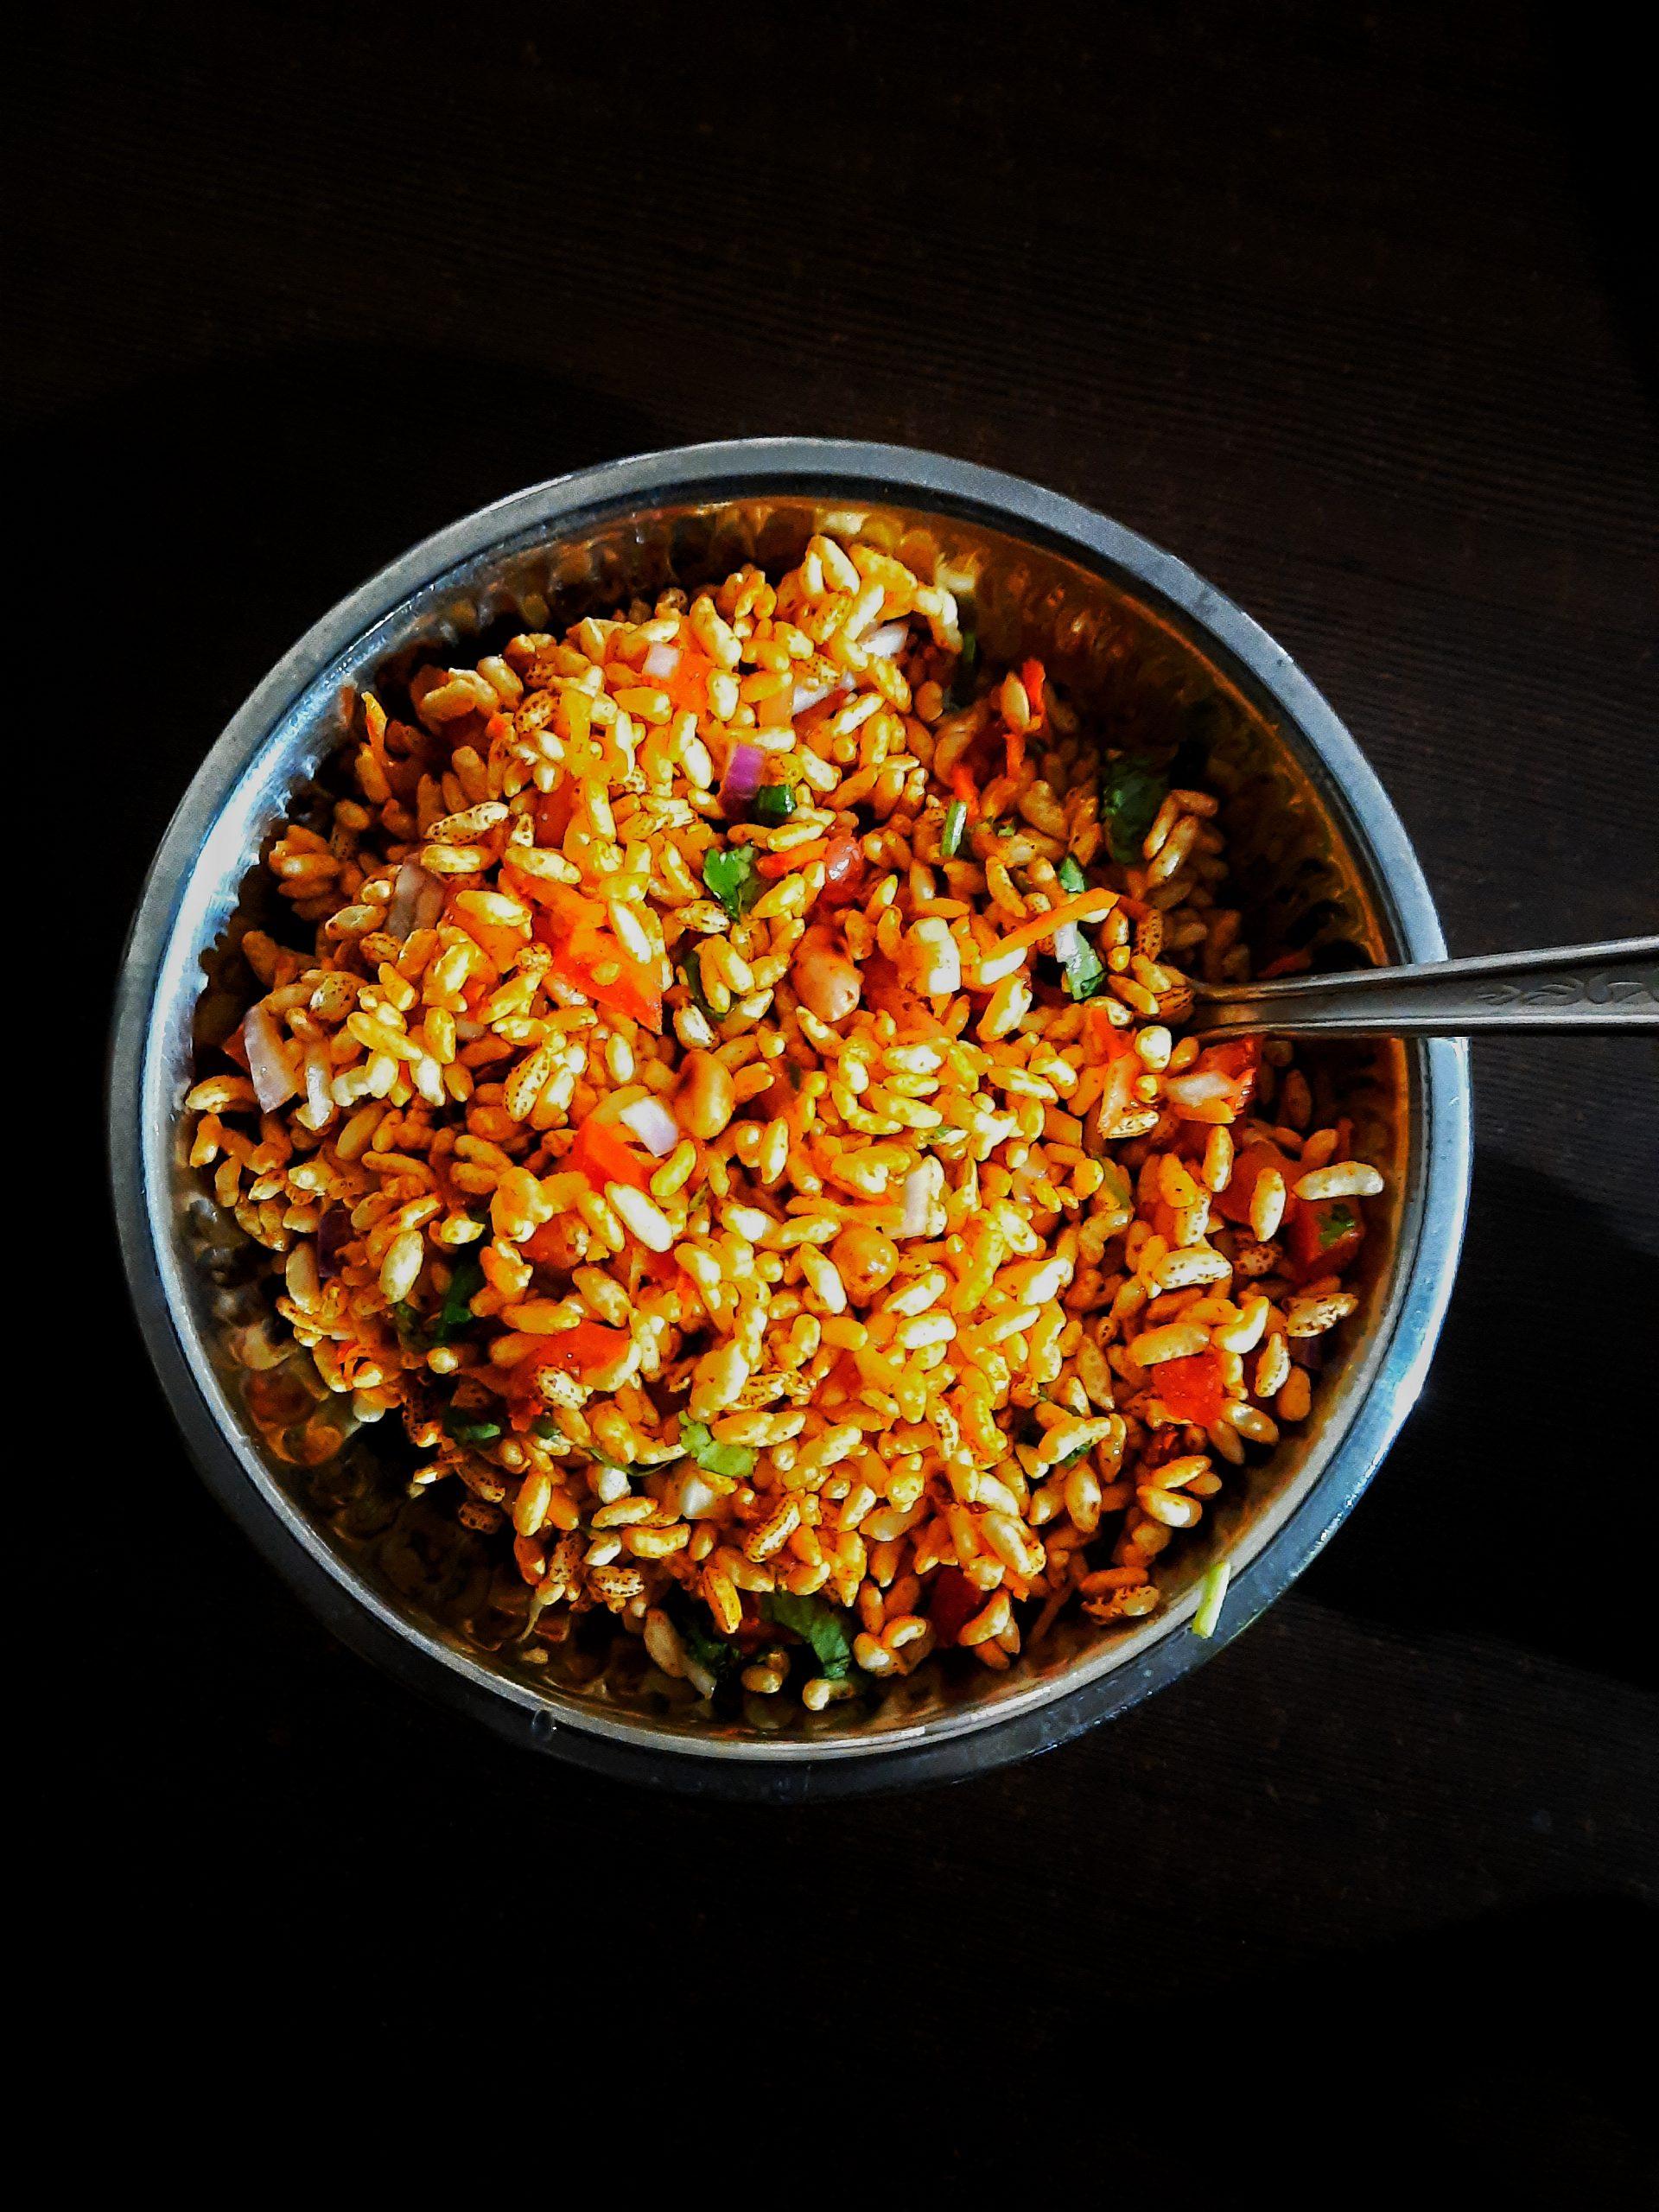 Snacks in bowl